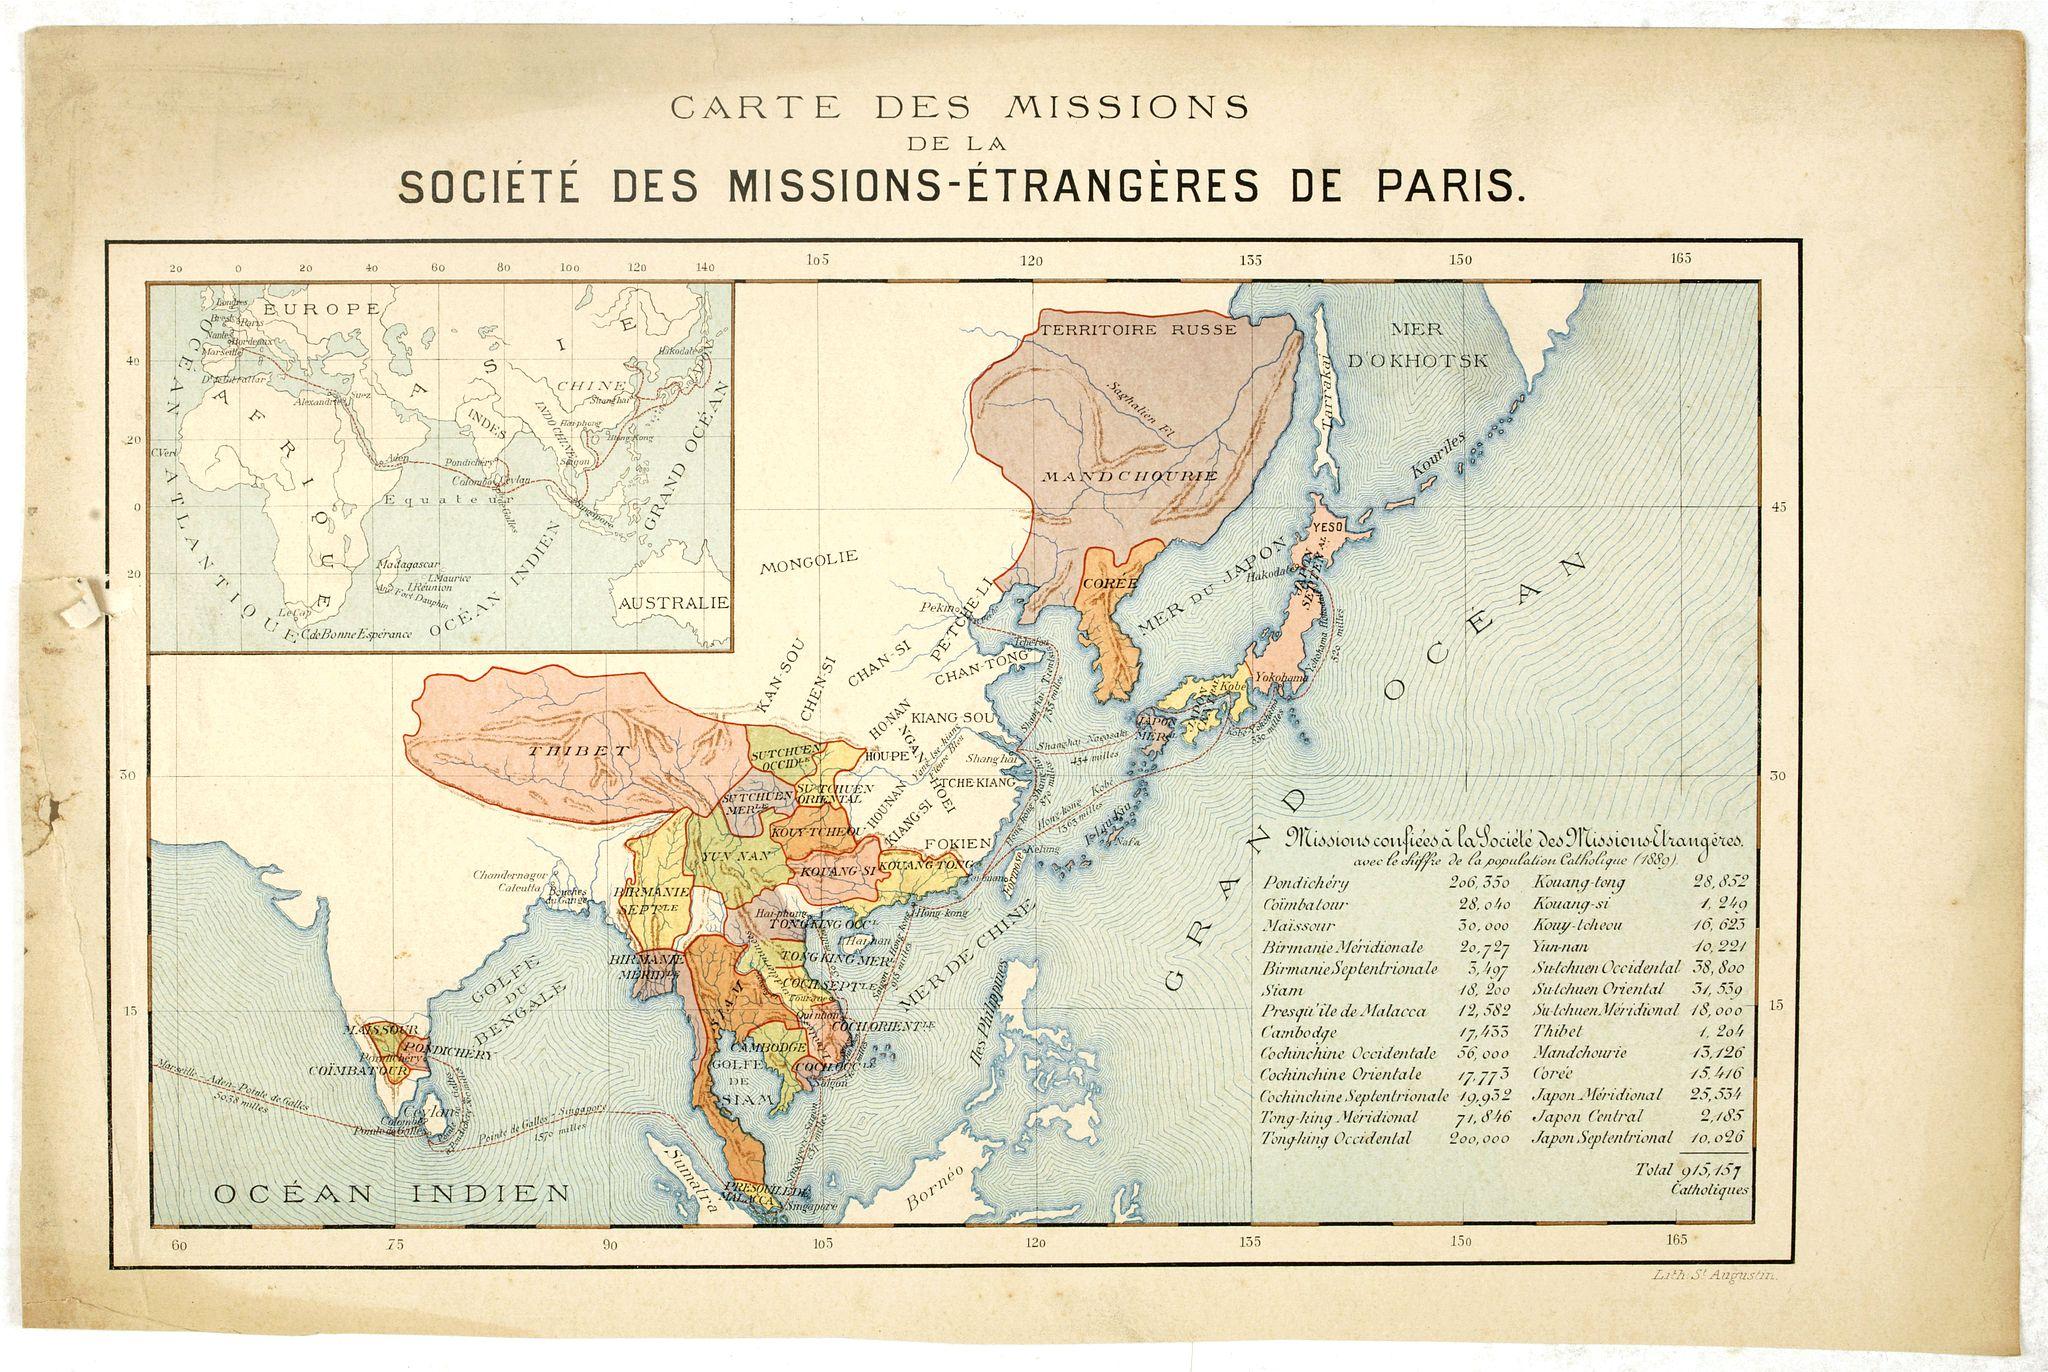 MISSIONS CATHOLIQUES -  Carte des missions de la société des missions-étrangeres de Paris.